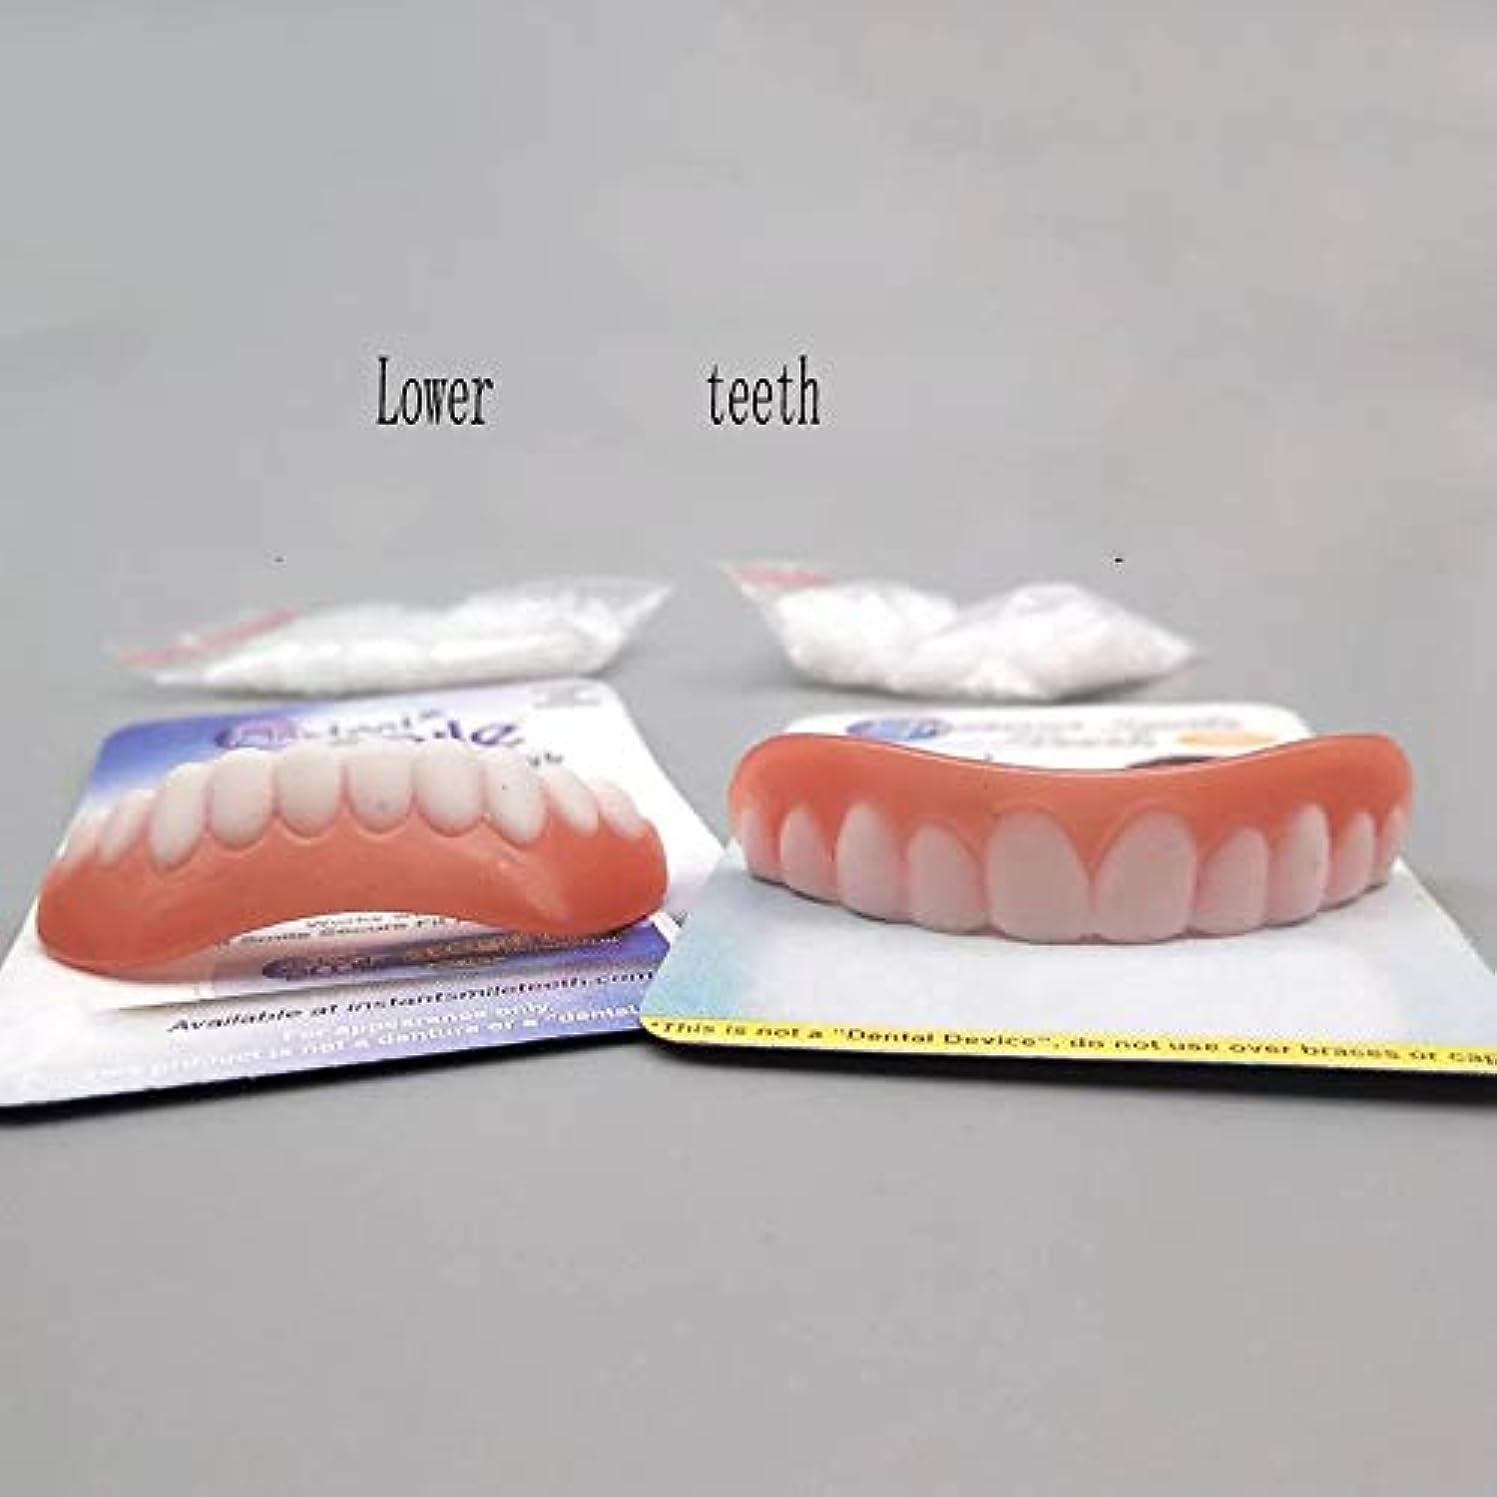 ラッシュ獣脱走シリコーンシミュレーション歯の3セットは白い歯スマイリー入れ歯をブレース